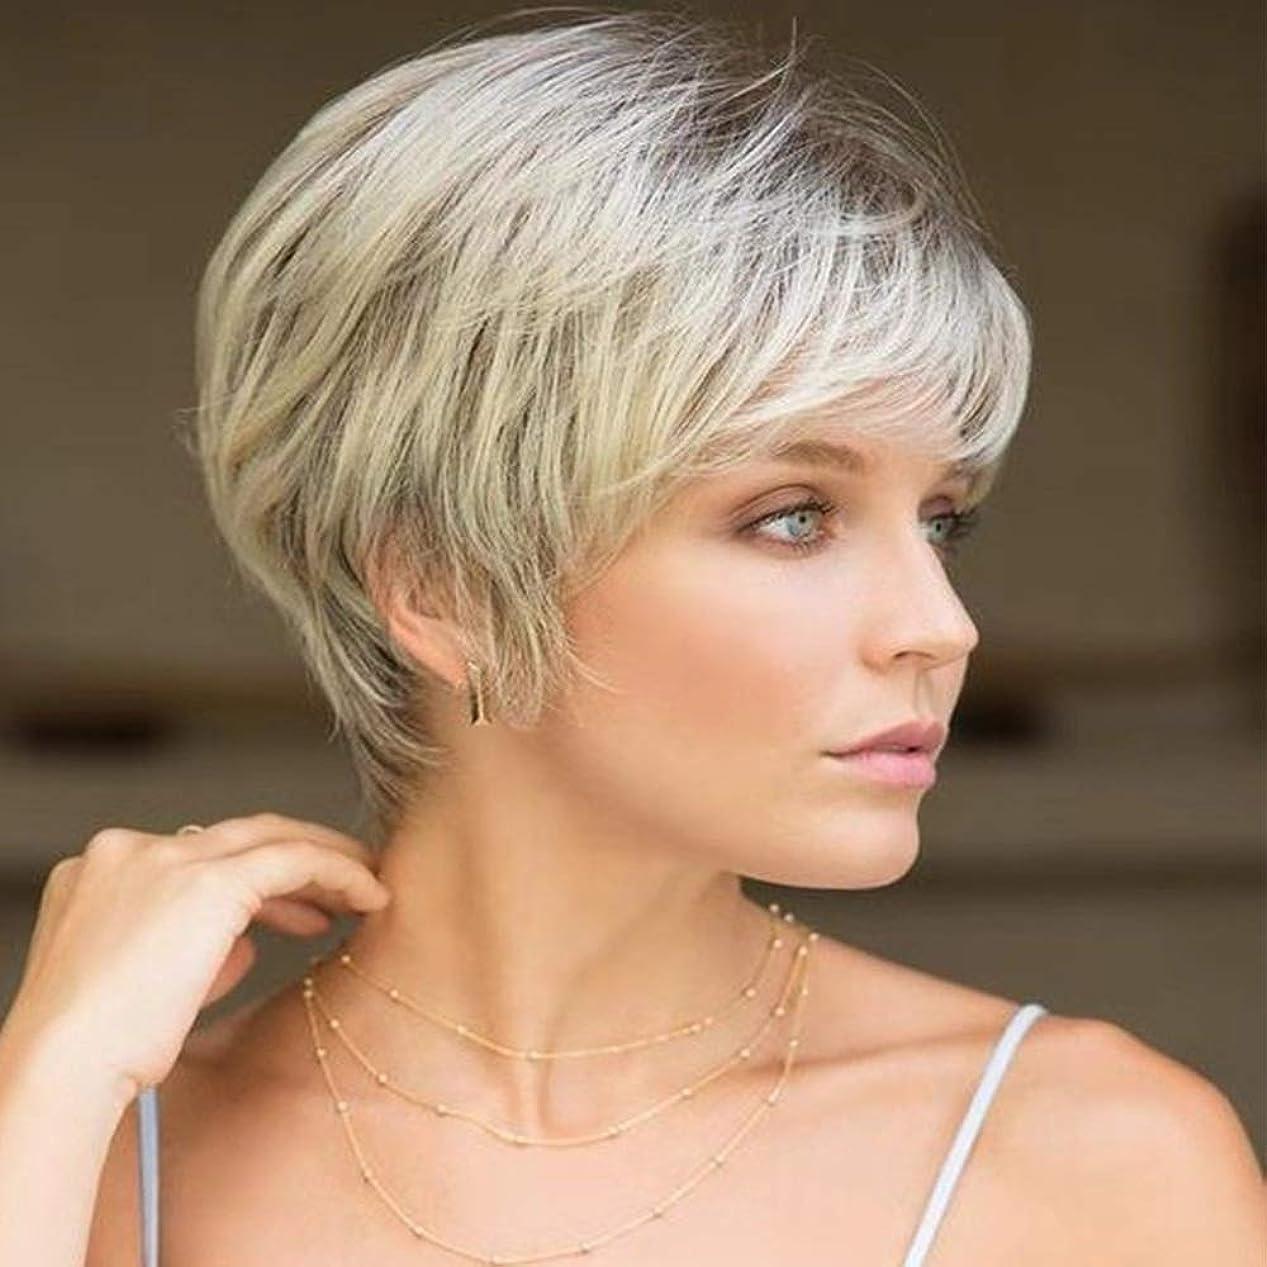 毎年ジャベスウィルソン中傷女性用ライトブロンドショートカーリーヘアウィッグ自然髪ウィッグ前髪付き合成フルヘアウィッグ女性と女の子用ハロウィンコスプレパーティーウィッグ